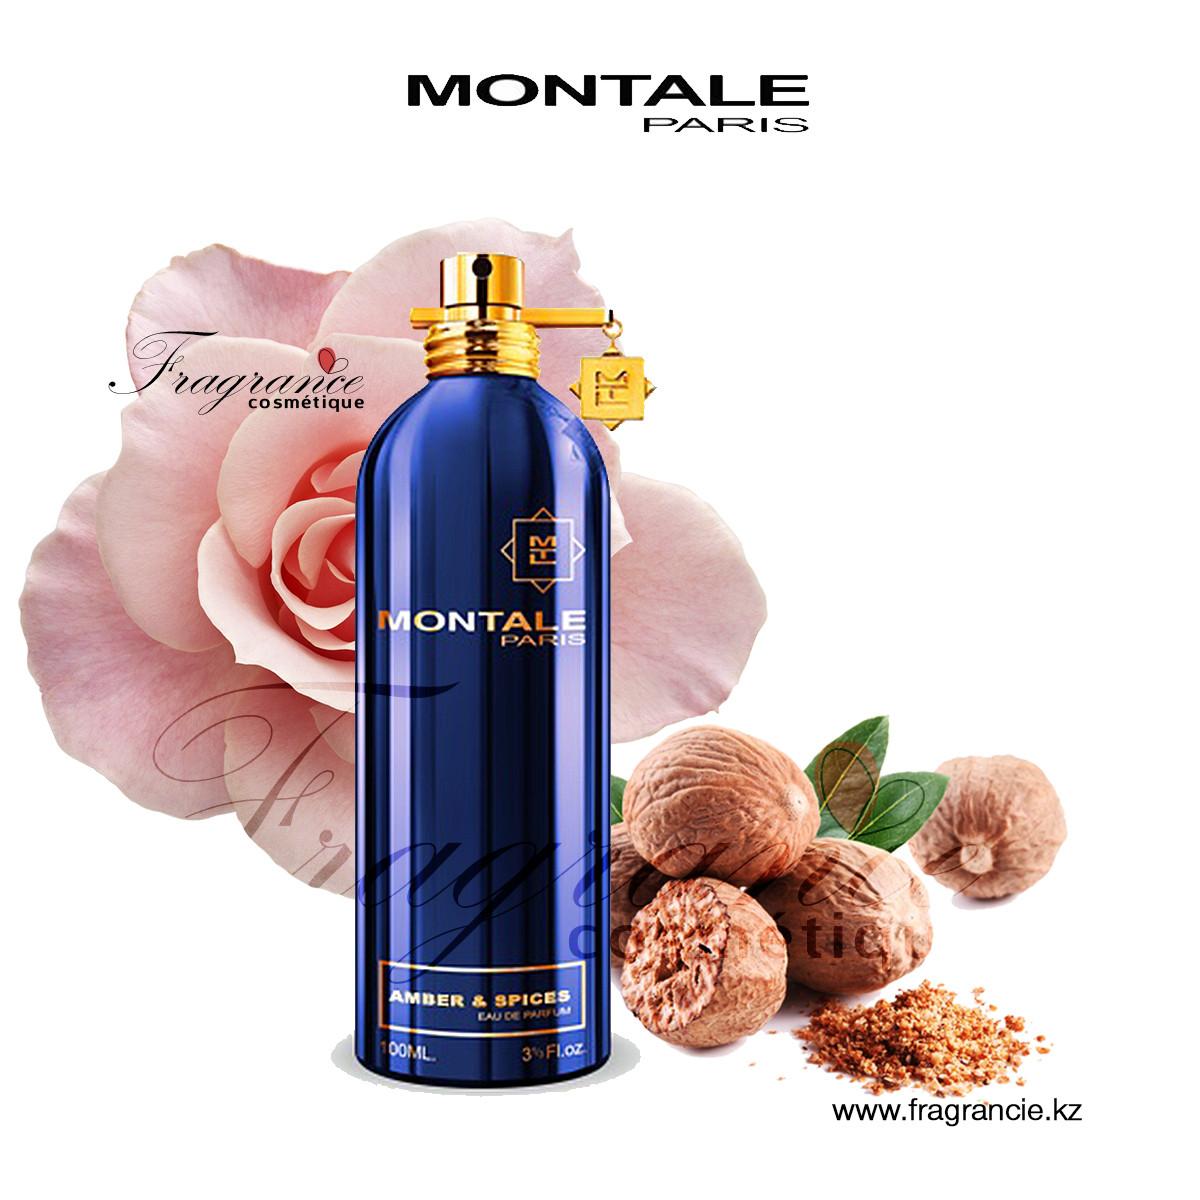 Парфюм Montale Amber&Spice 100ml (Оригинал - Франция)